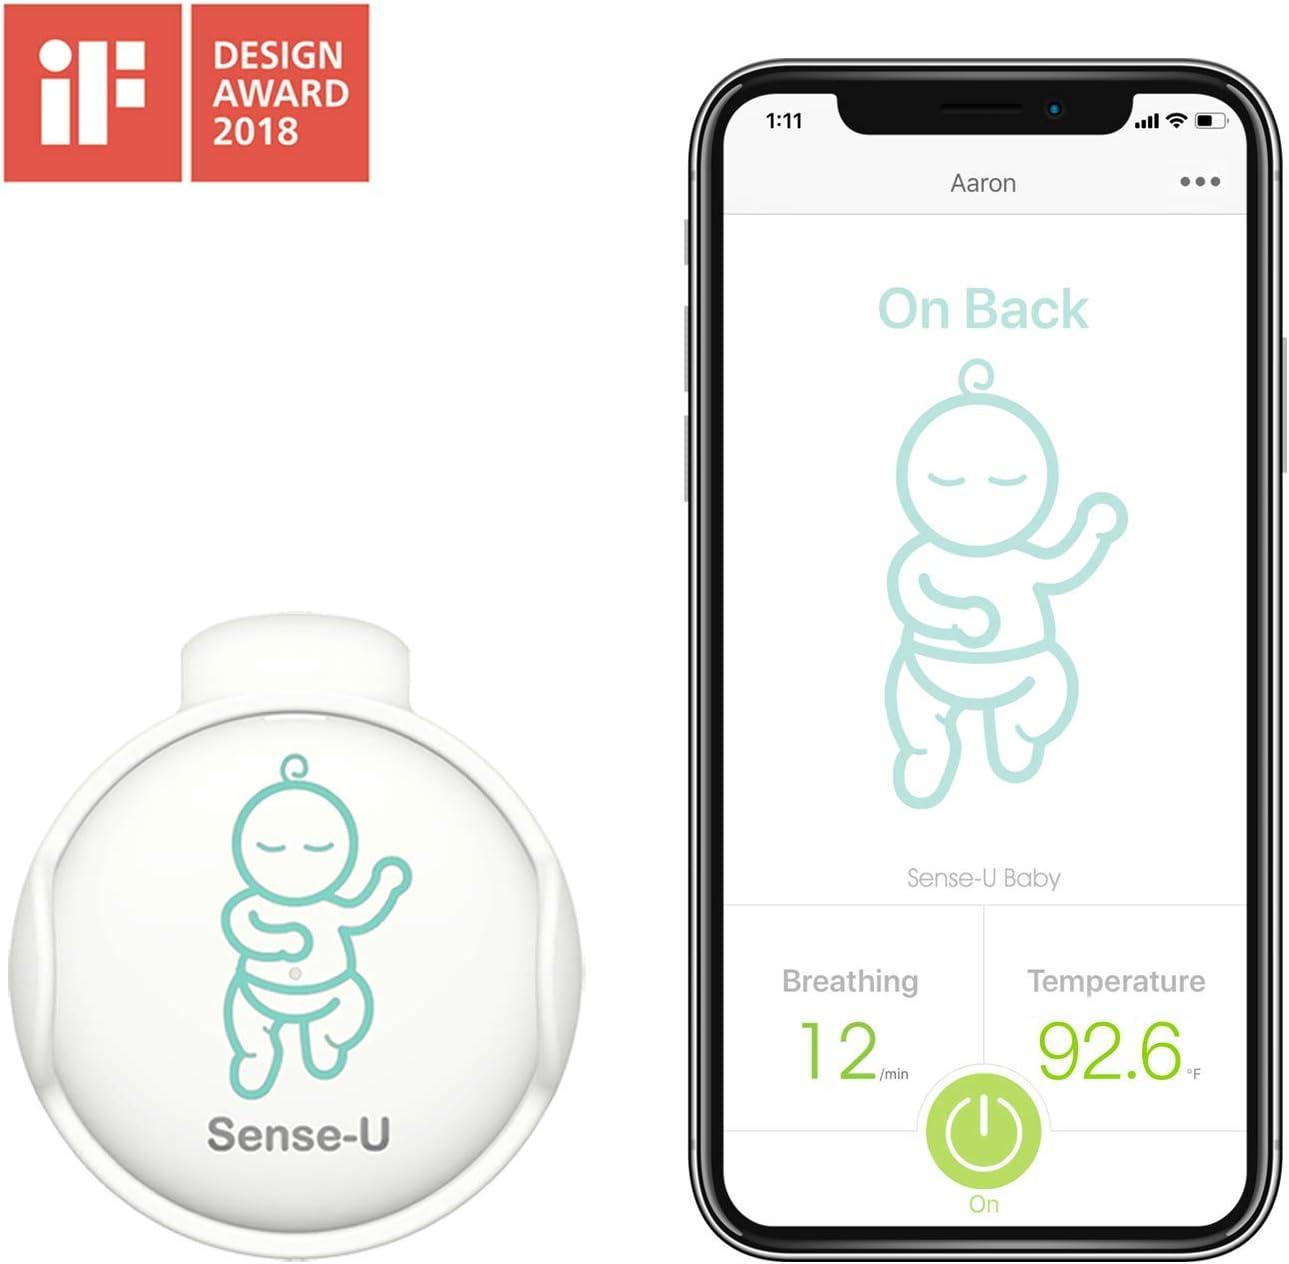 (2019 Nuevo Modelo)Sense-U bebé Monitor de respiración y movimiento del sueño estomacal del bebé : alarma de respiración, alarma de sueño estomacal, alarma de sobrecalentamiento, alarma de resfriarse